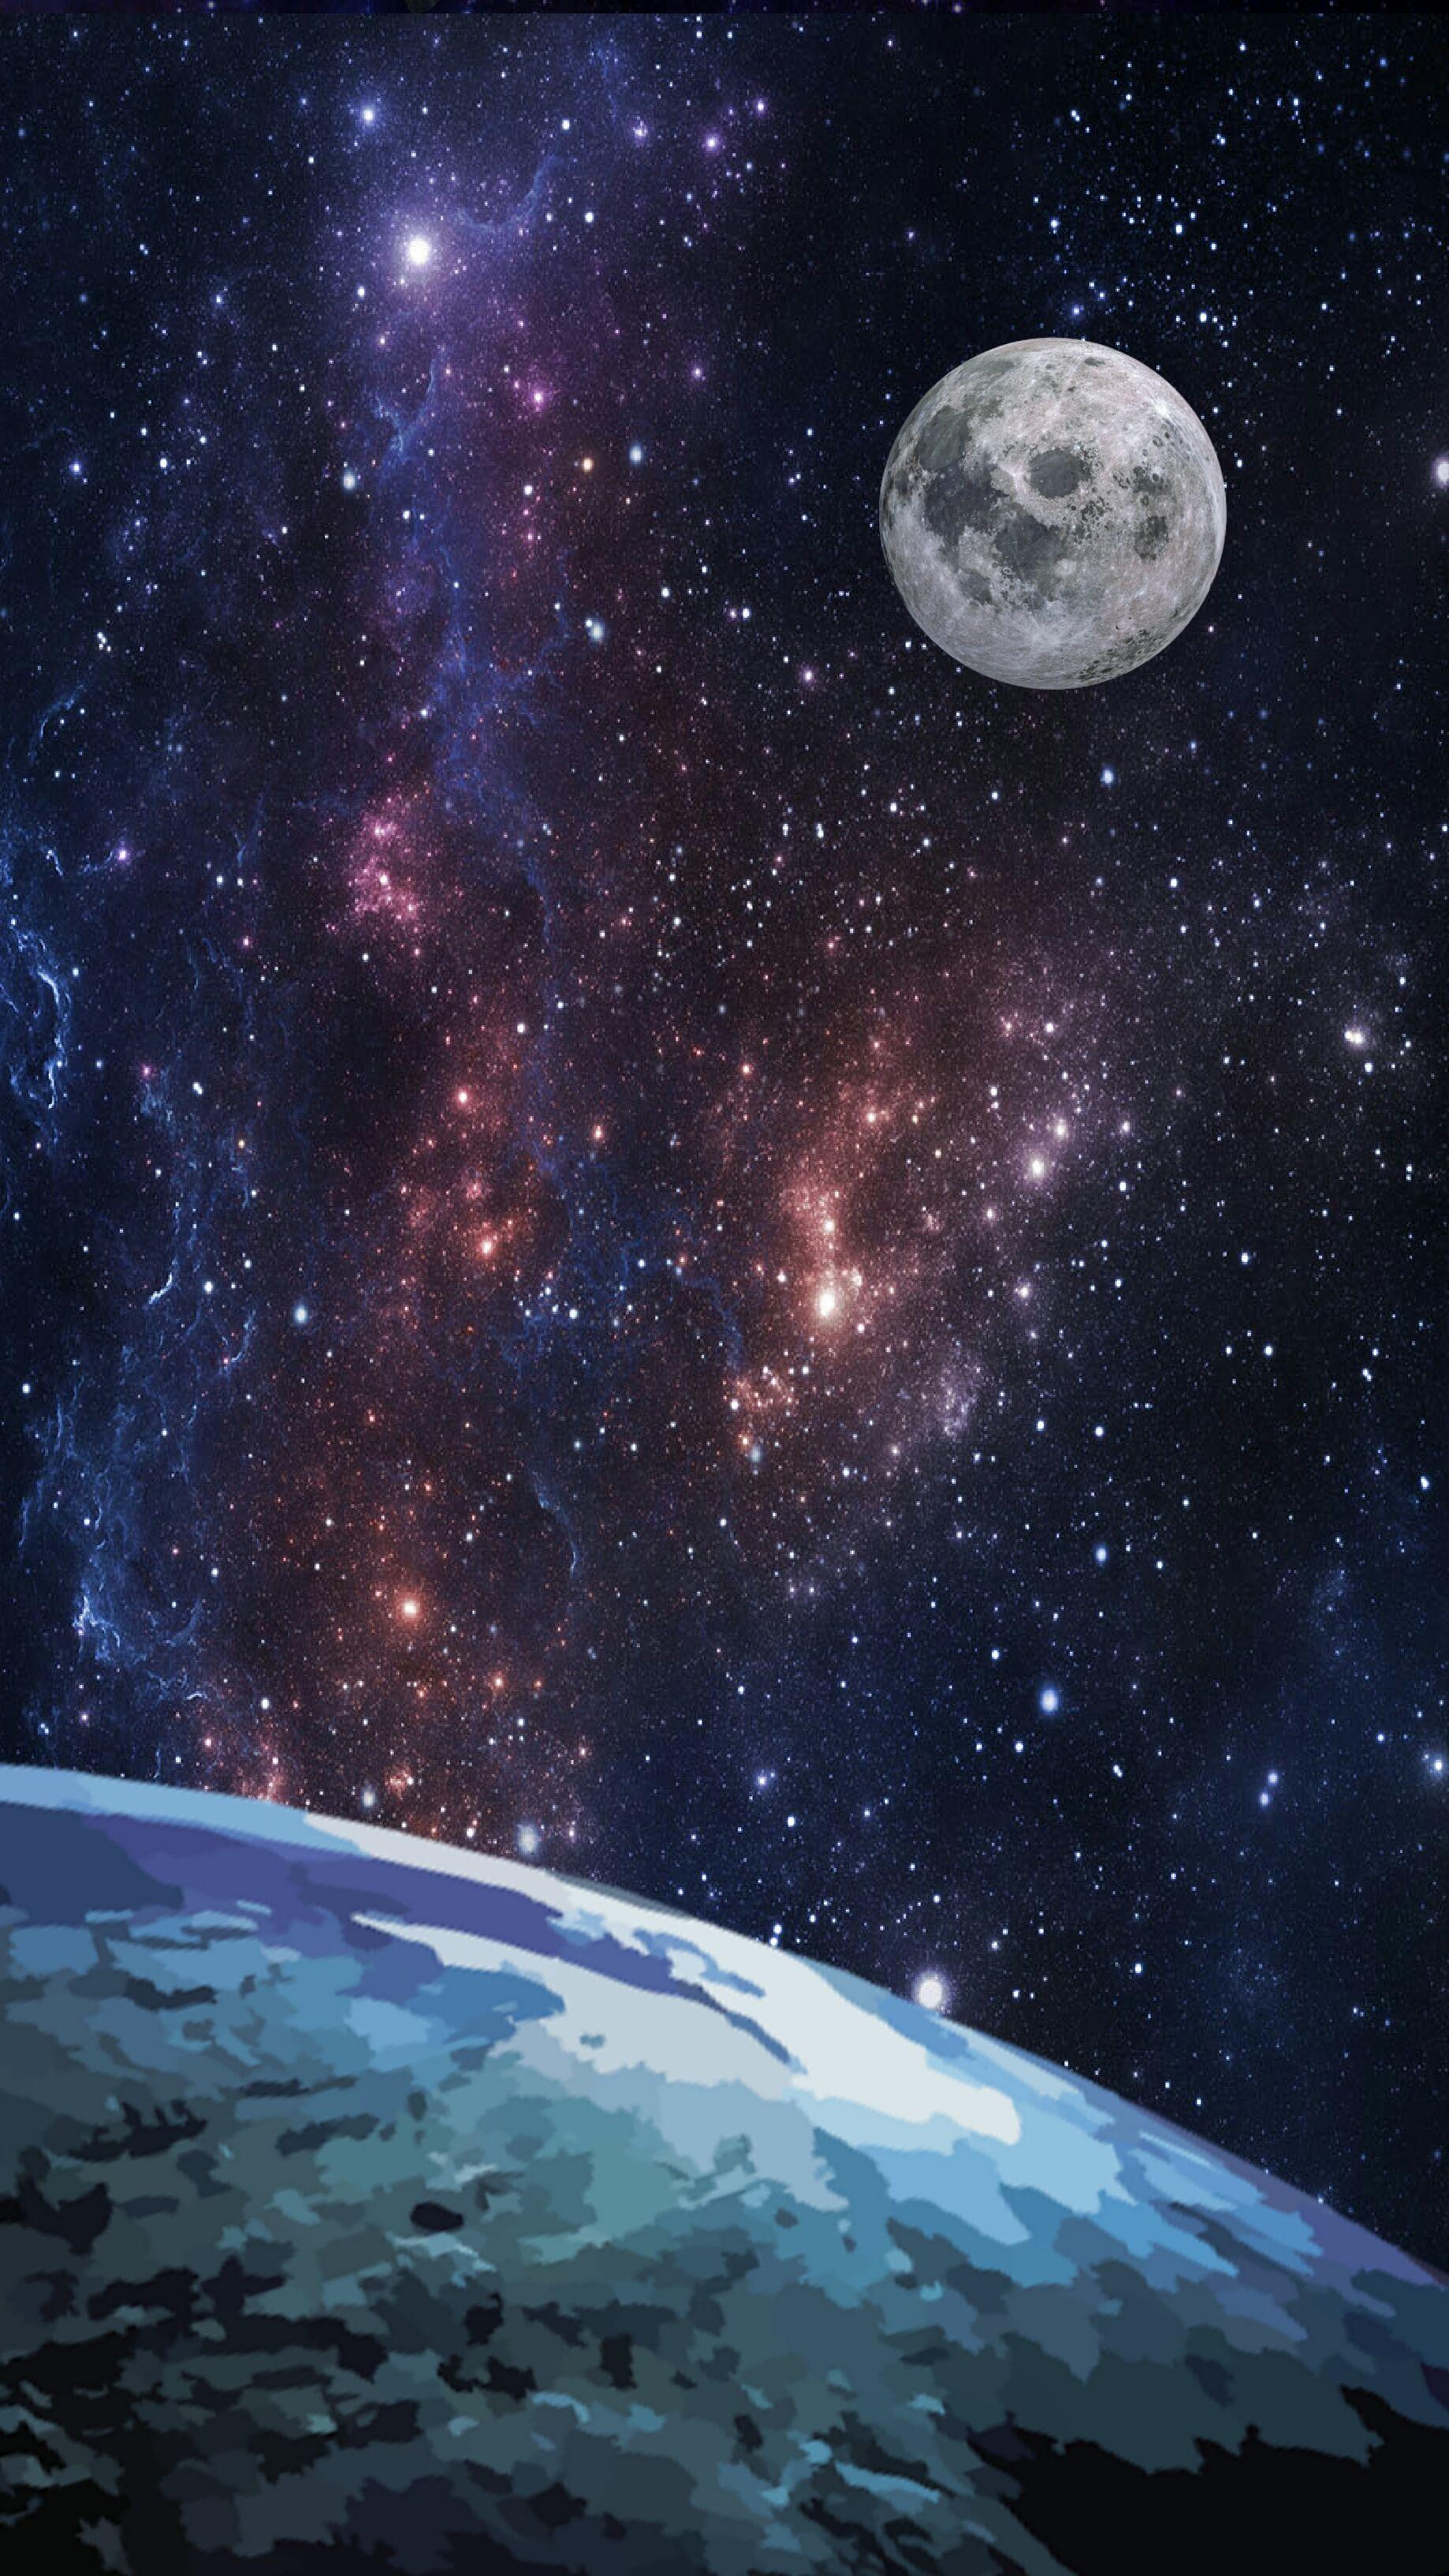 Wallpaper Para Celular Papel De Parede Lua Terra Espa O  -> Imagens Do Universo Para Papel De Parede